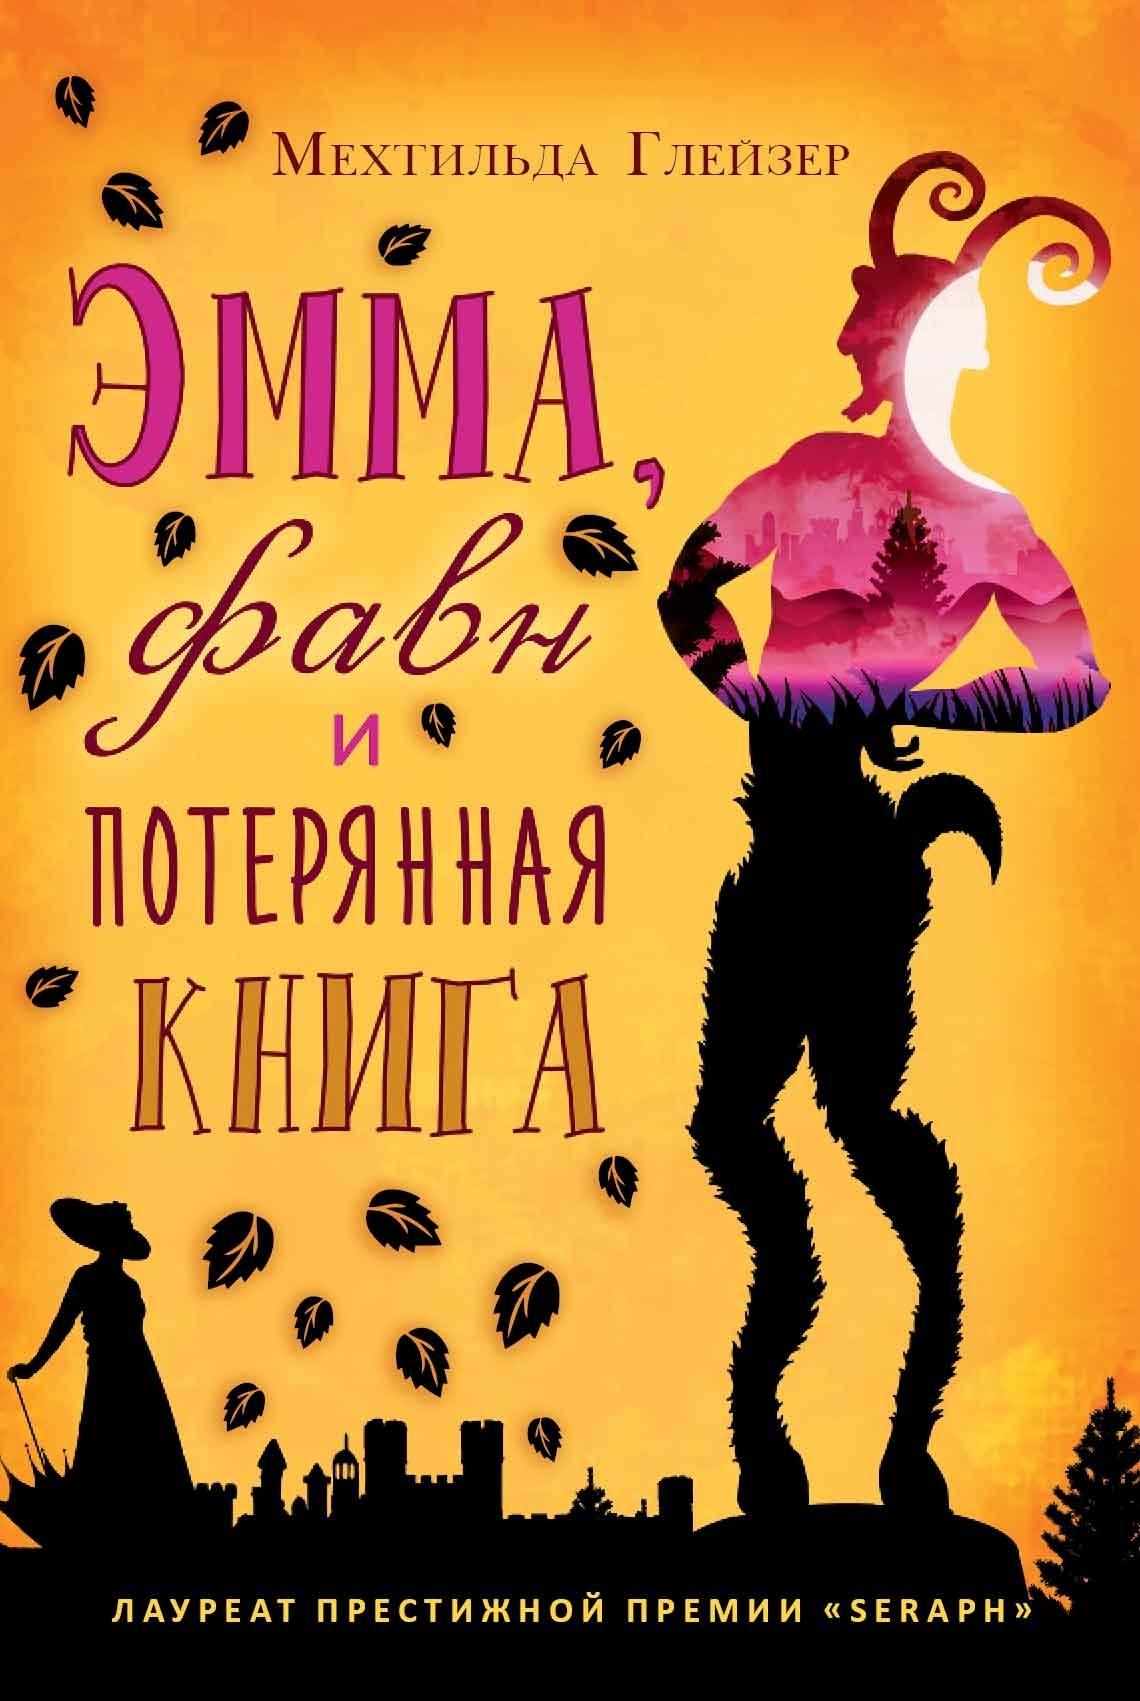 «Эмма, фавн и потерянная книга» Мехтильда Глейзер